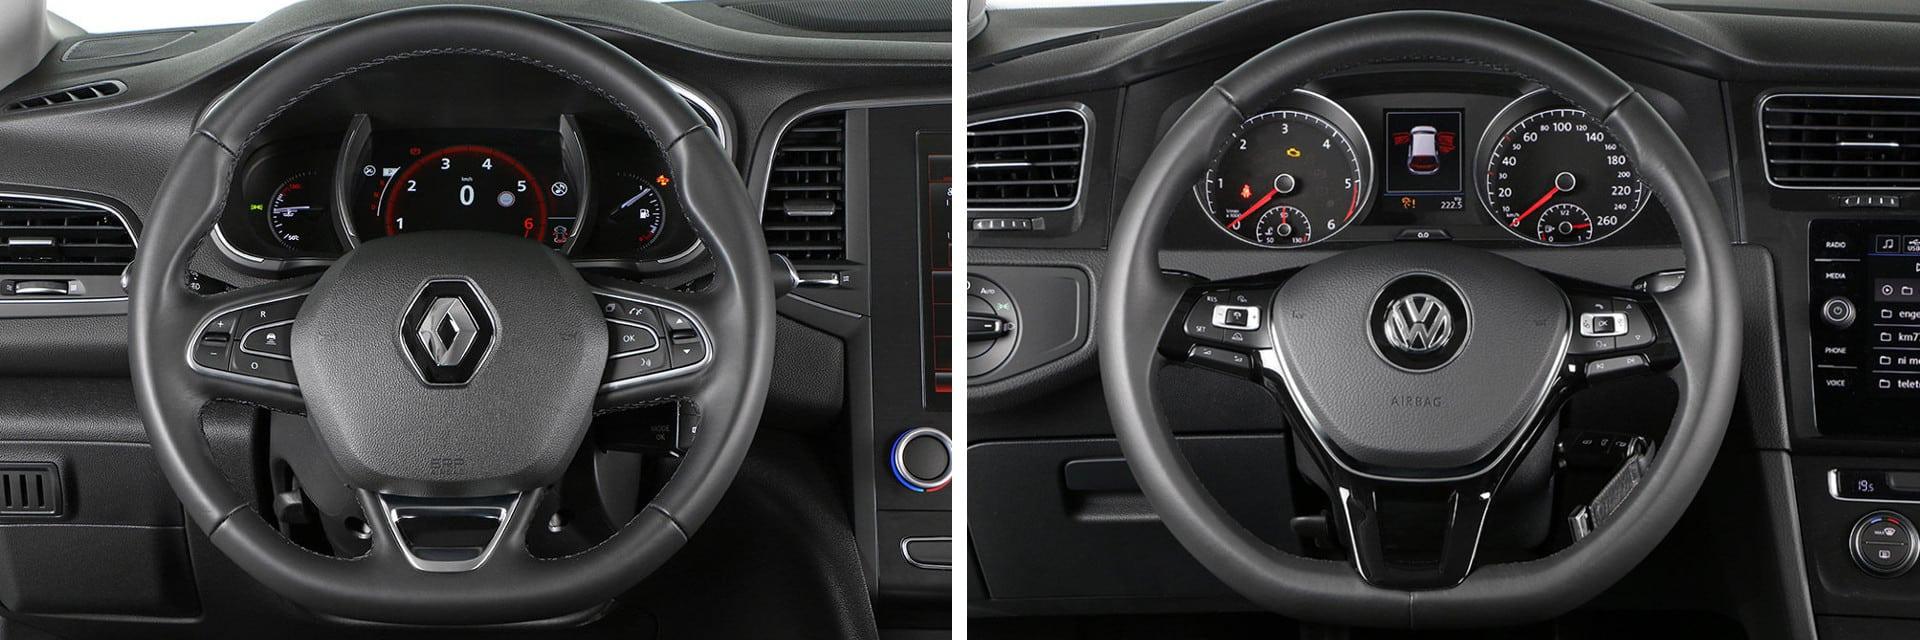 Las fotos del Renault Megane corresponden al acabado Bose con cambio EDC. Las fotos del Volkswagen Golf corresponden a la versión indicada. Fotos cedidas por KM77.